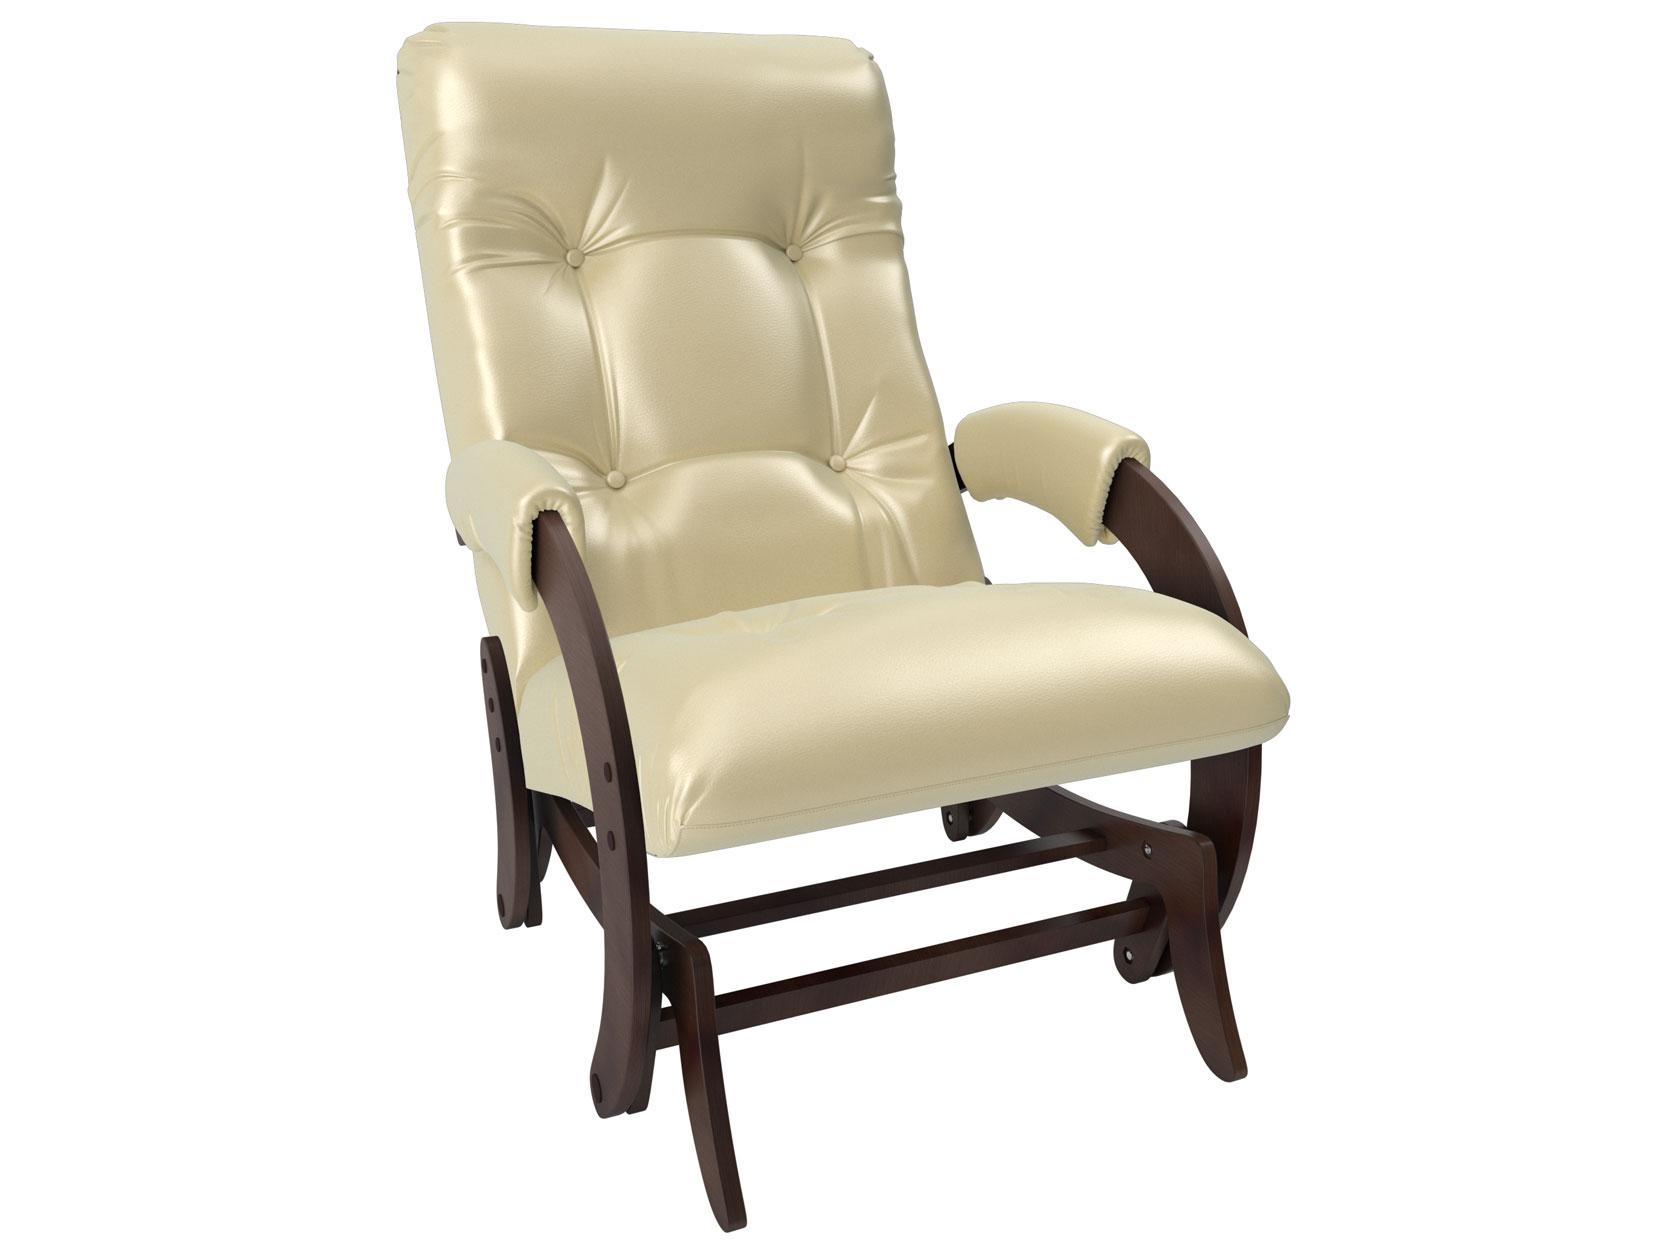 Кресло-глайдер 150-100262